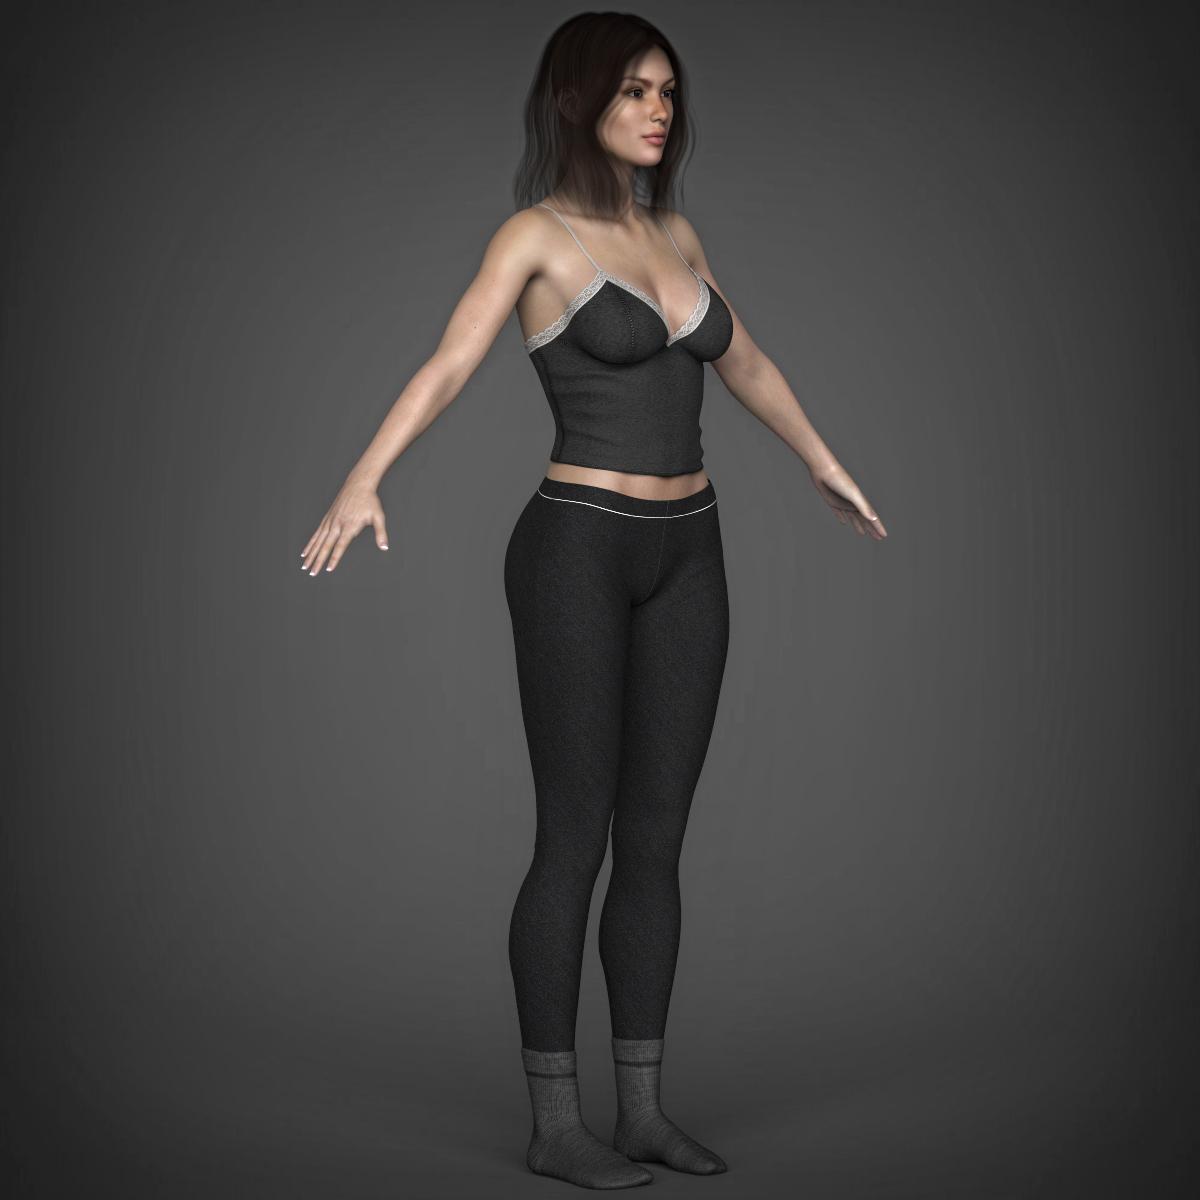 young beautiful woman 3d model max fbx c4d ma mb texture obj 223033